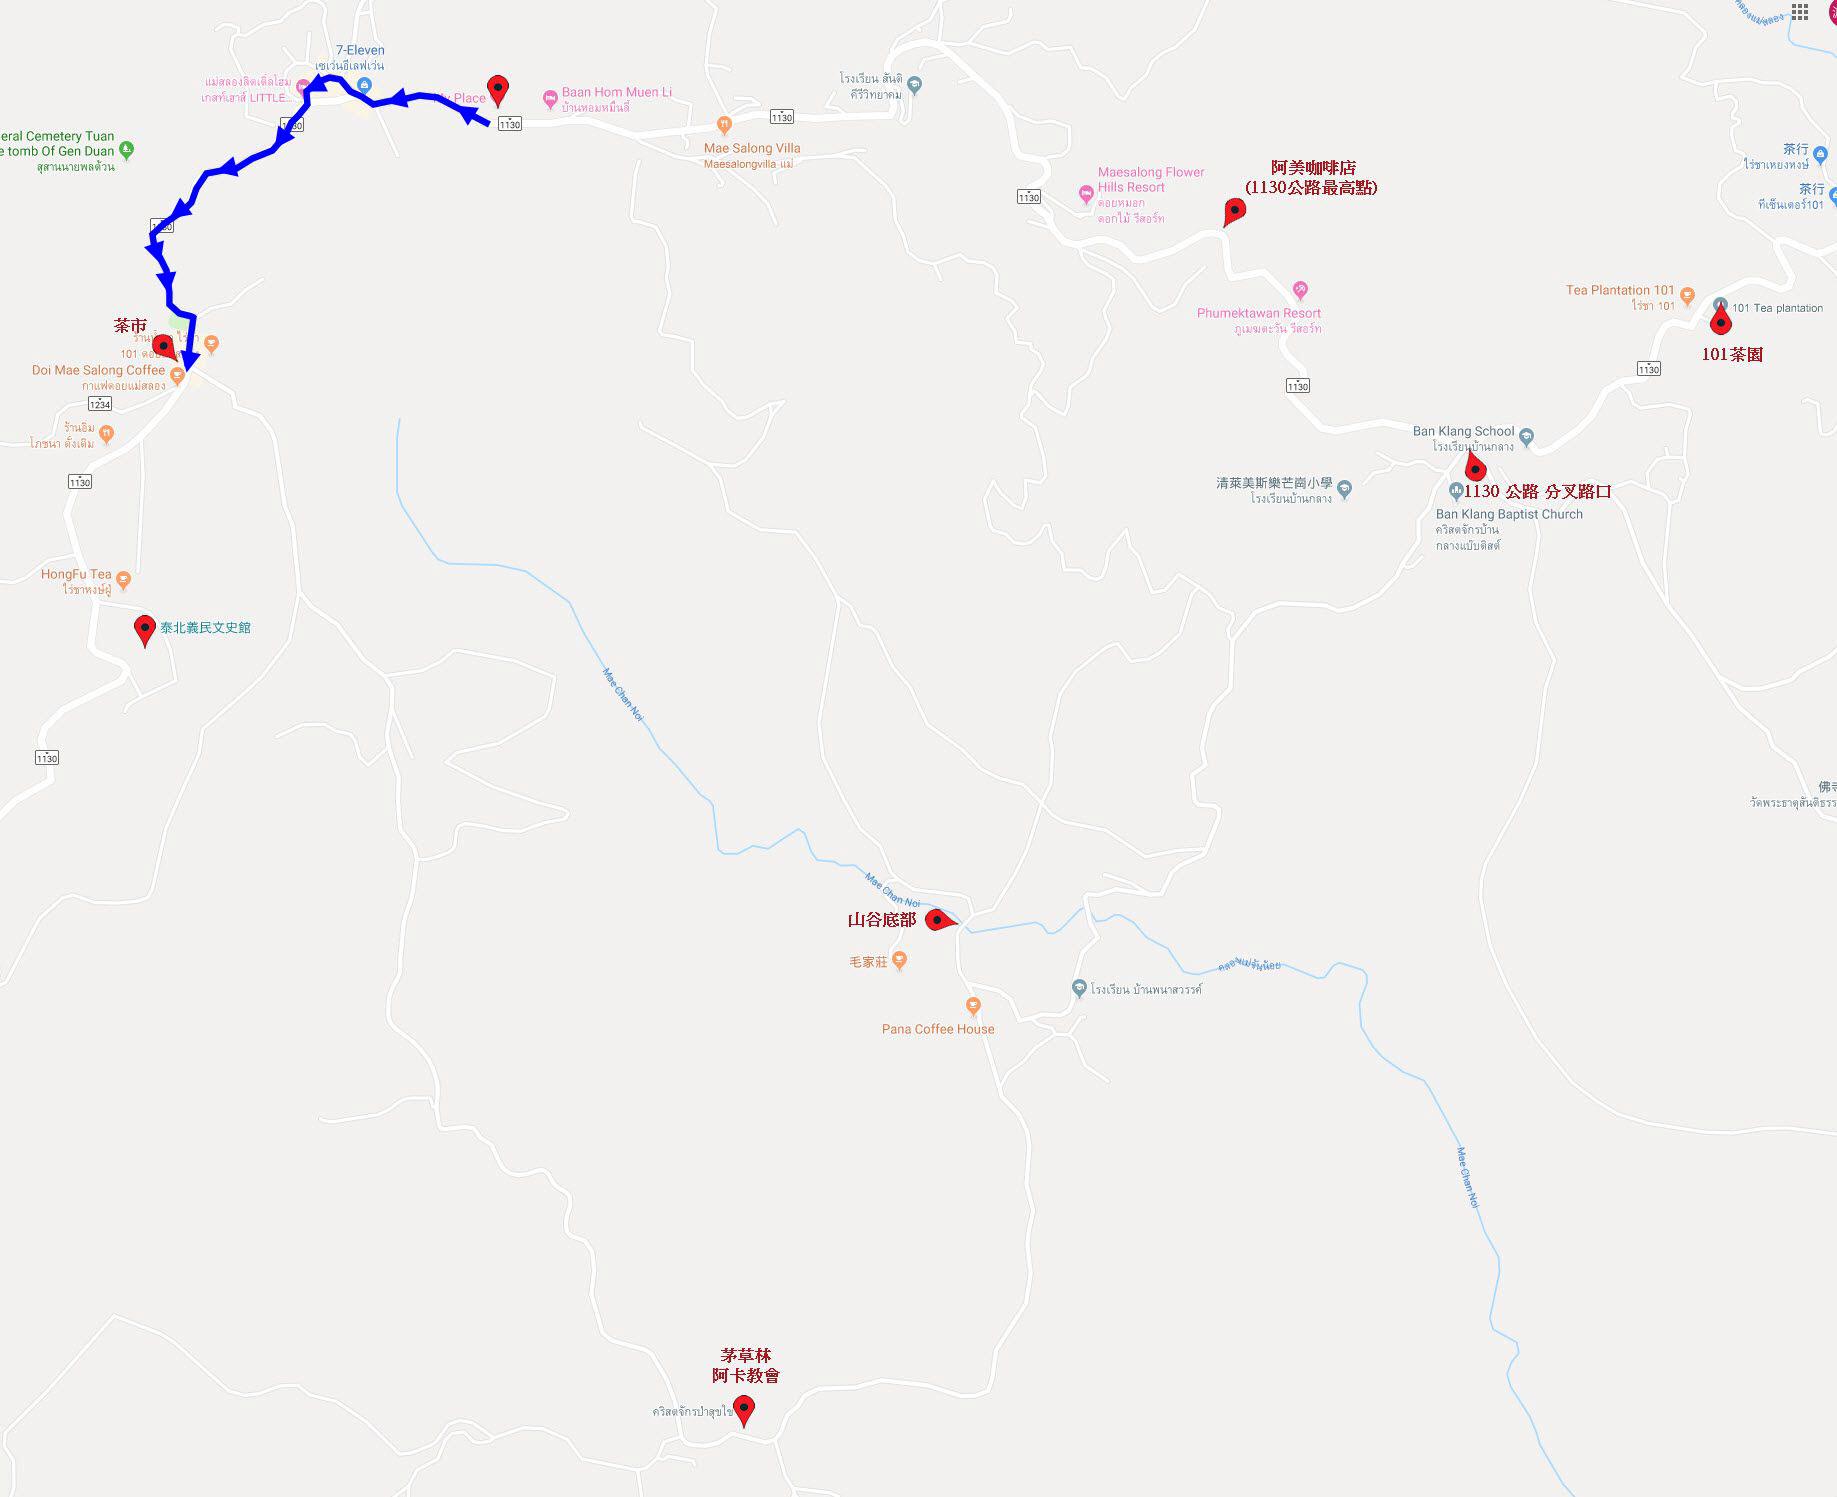 美斯樂攀山越谷遠足路線 第一段